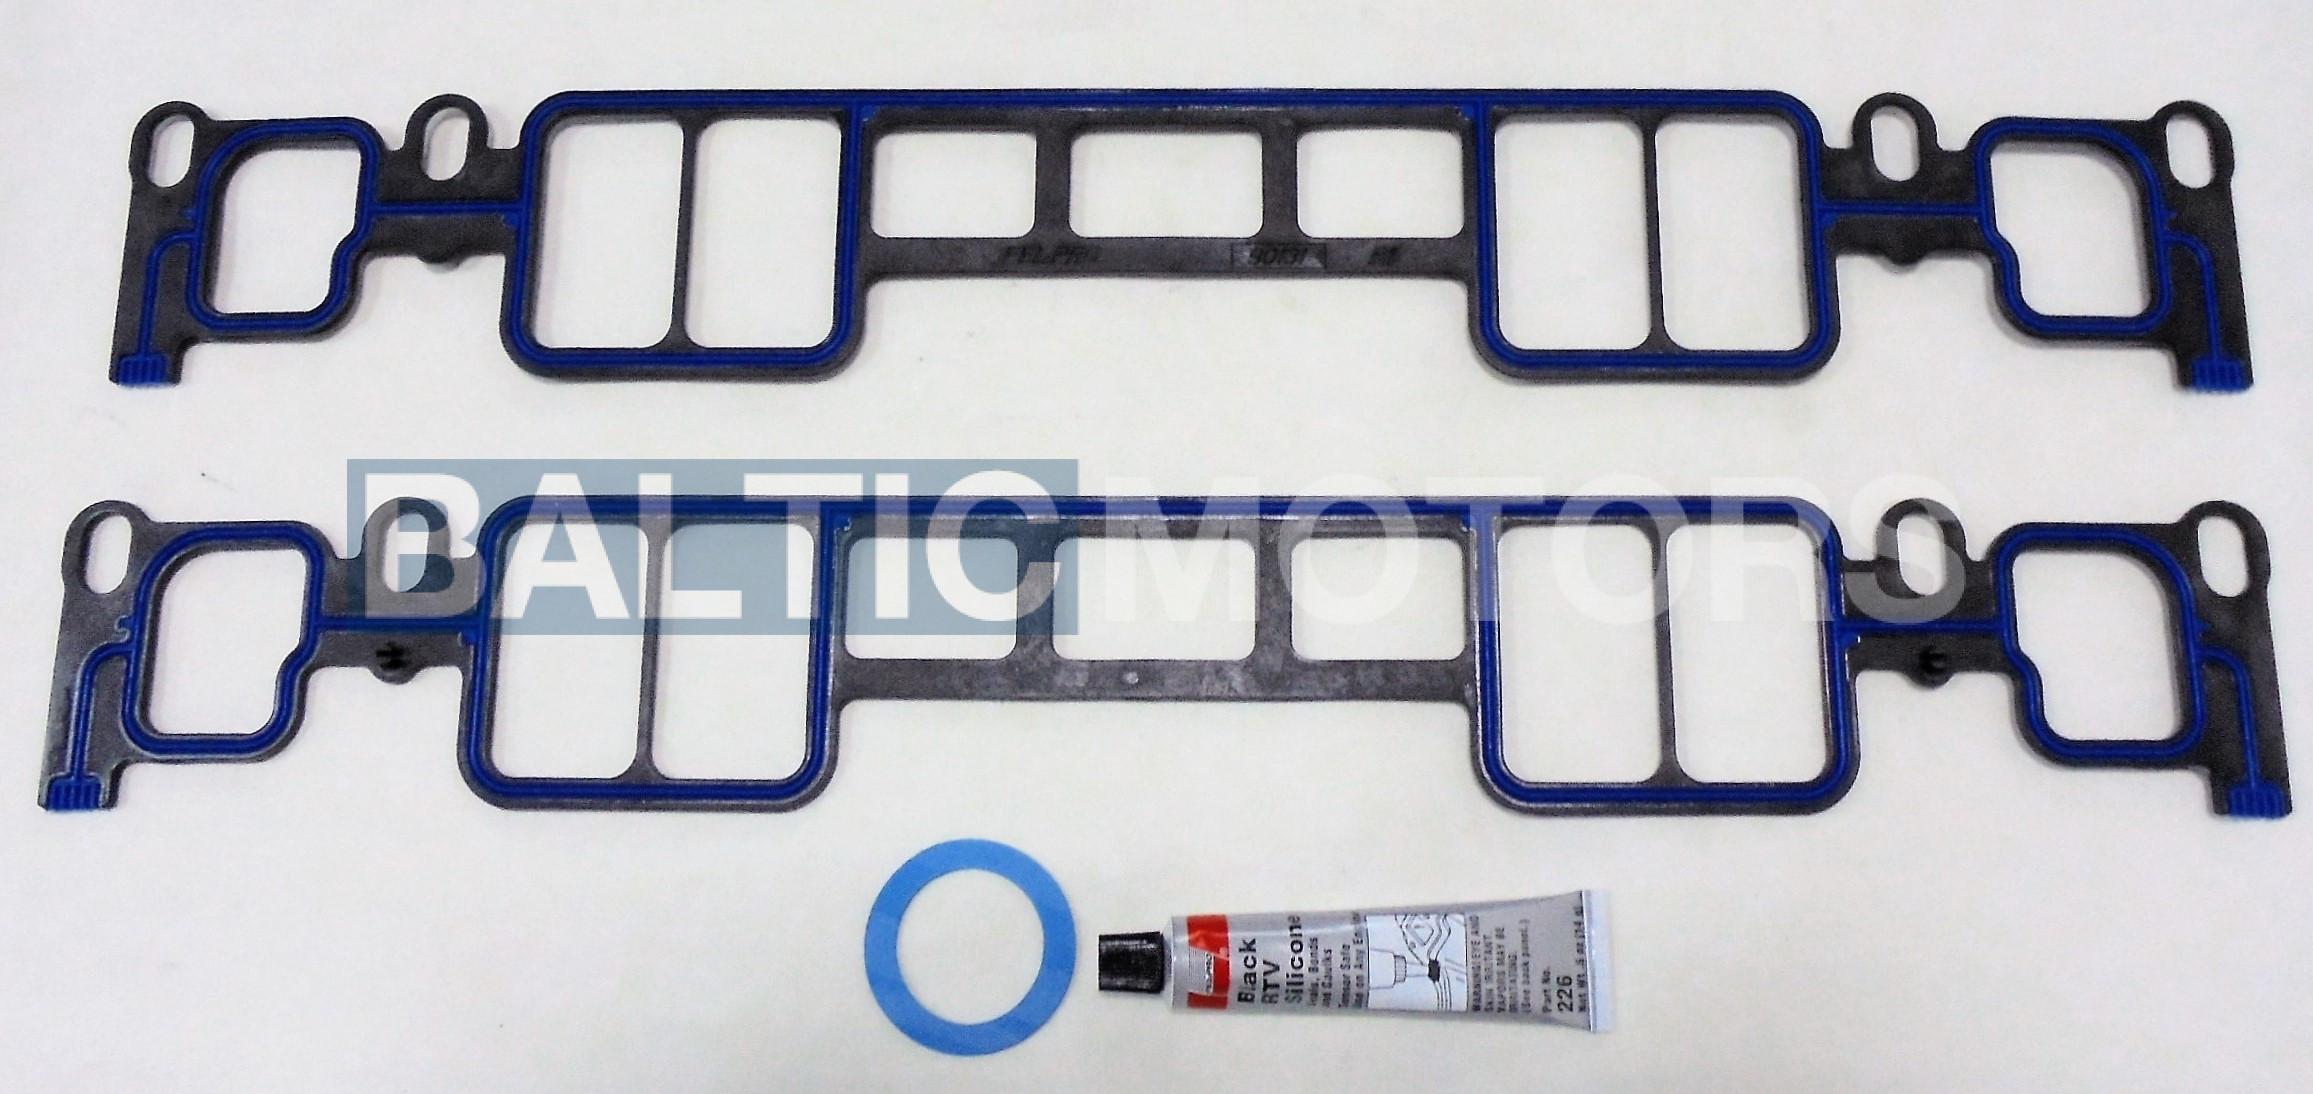 OMC Intake manifold 3855807 GM Gasket Set